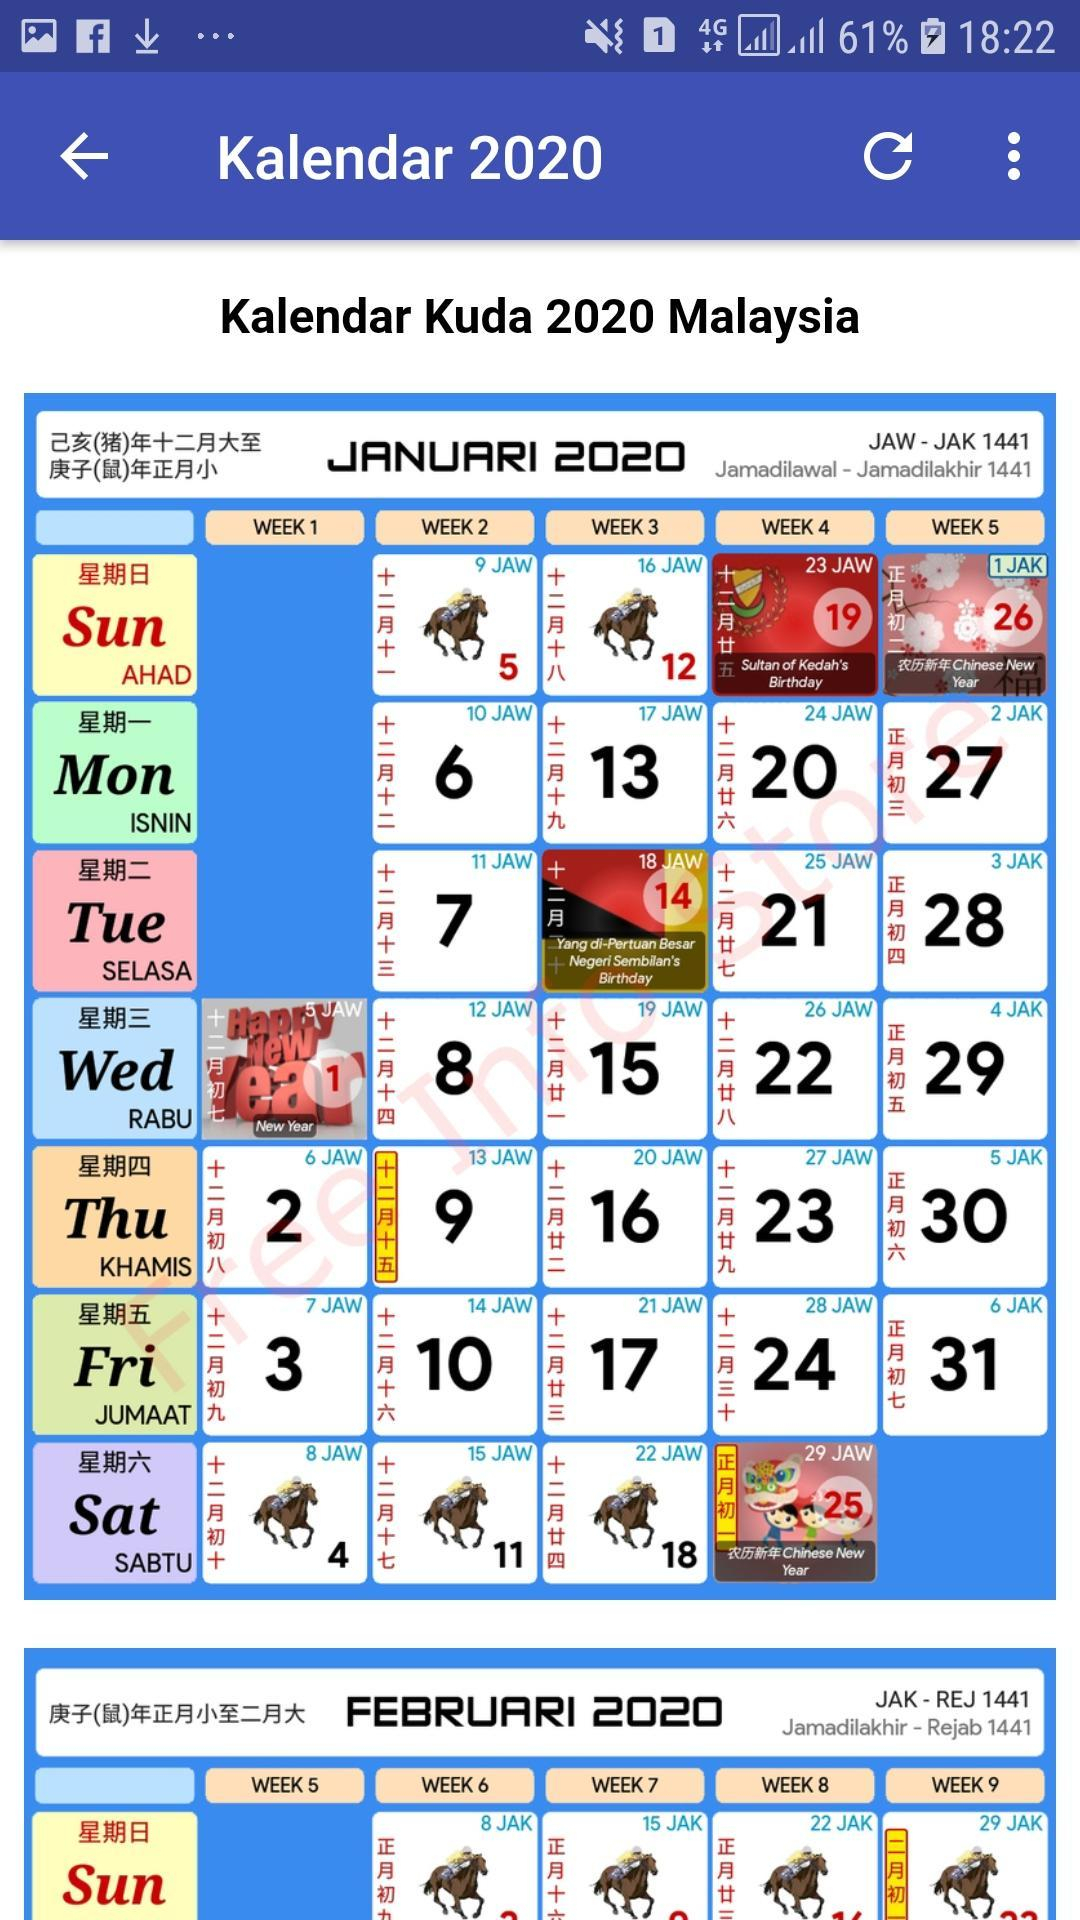 2021 Calendar Kuda Malaysia / Malaysia Calendar 2020 With